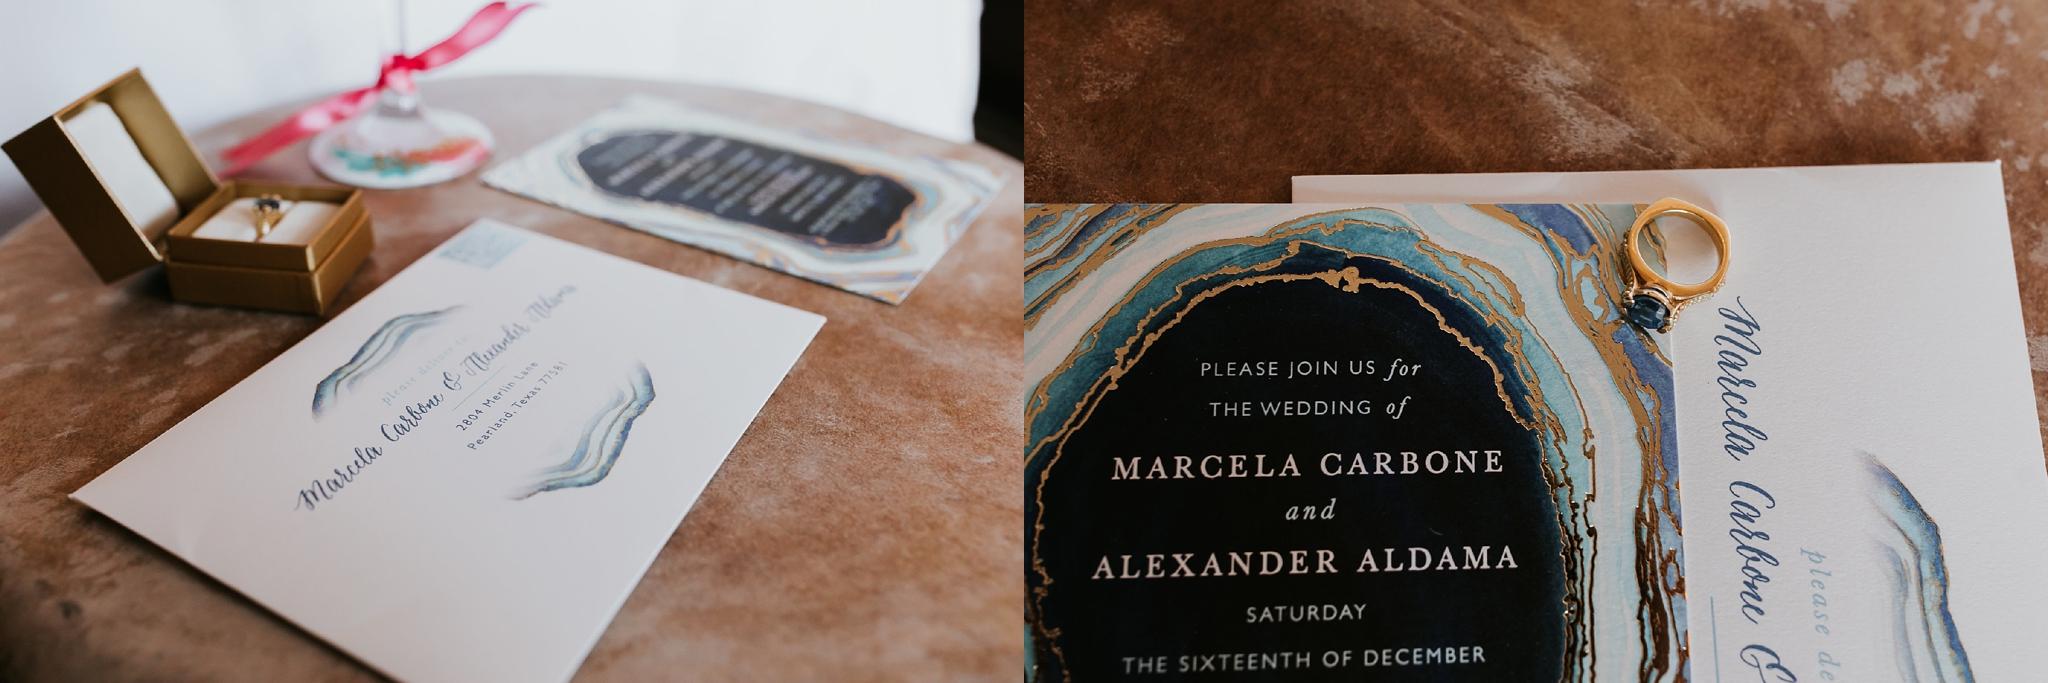 Alicia+lucia+photography+-+albuquerque+wedding+photographer+-+santa+fe+wedding+photography+-+new+mexico+wedding+photographer+-+new+mexico+wedding+-+wedding+invitations+-+invitation+suite+-+wedding+inspo_0046.jpg